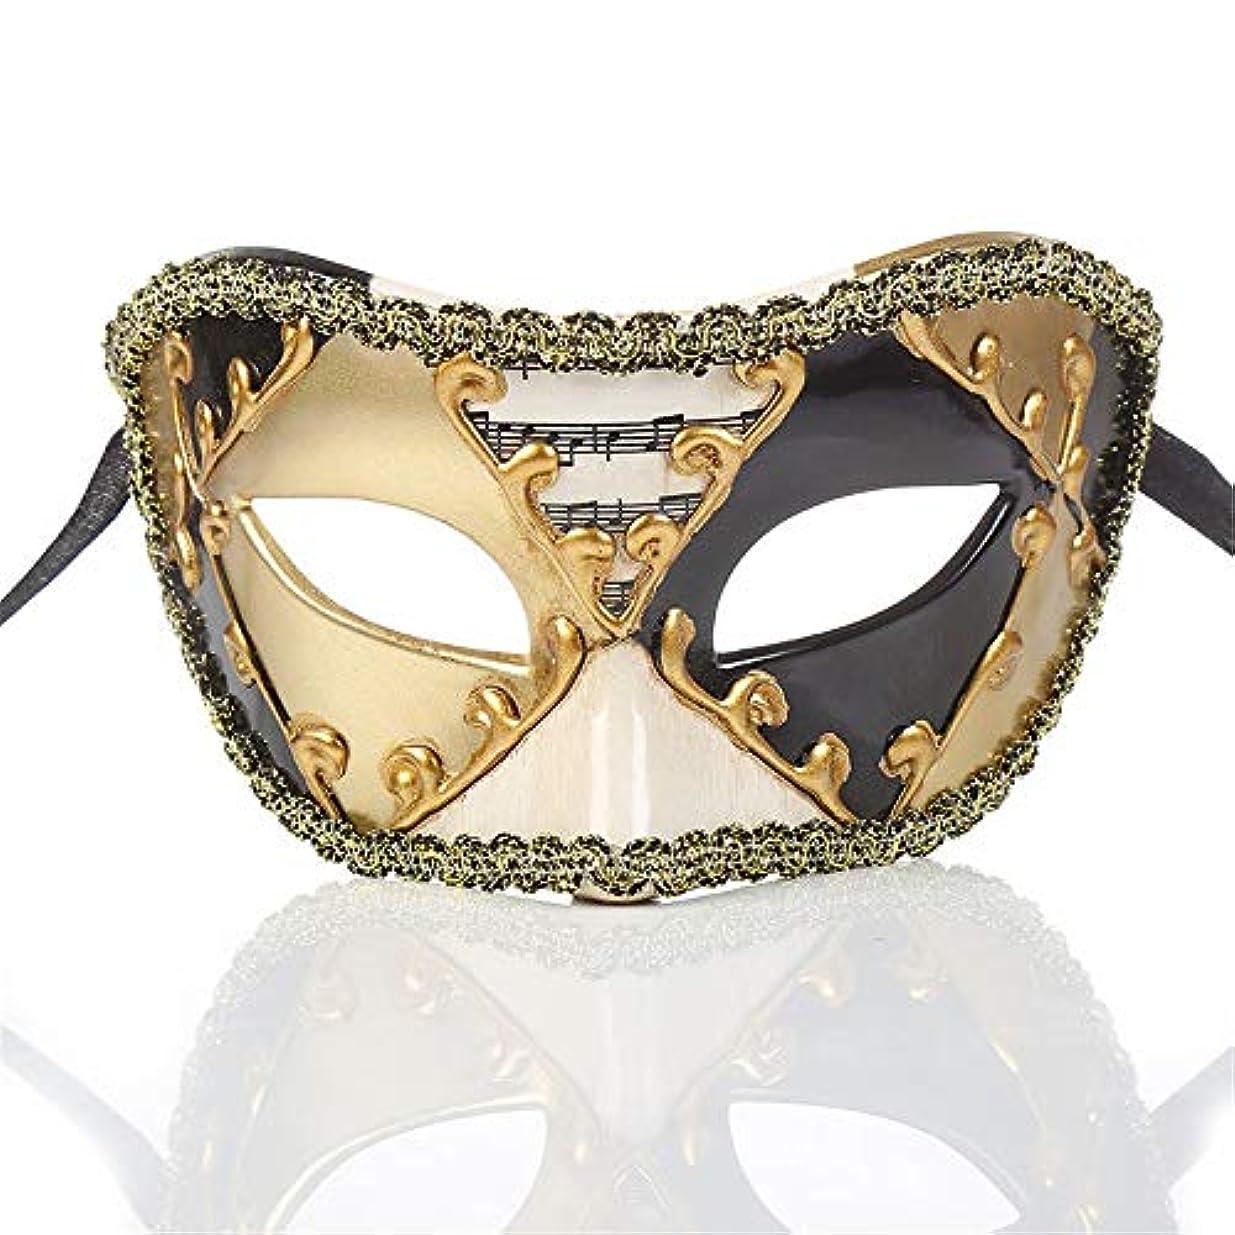 成熟したブランク安心させるダンスマスク ヴィンテージクラシックハーフフェイスクラウンミュージカルノート装飾マスクフェスティバルロールプレイングプラスチックマスク ホリデーパーティー用品 (色 : ブラック, サイズ : 16.5x8cm)